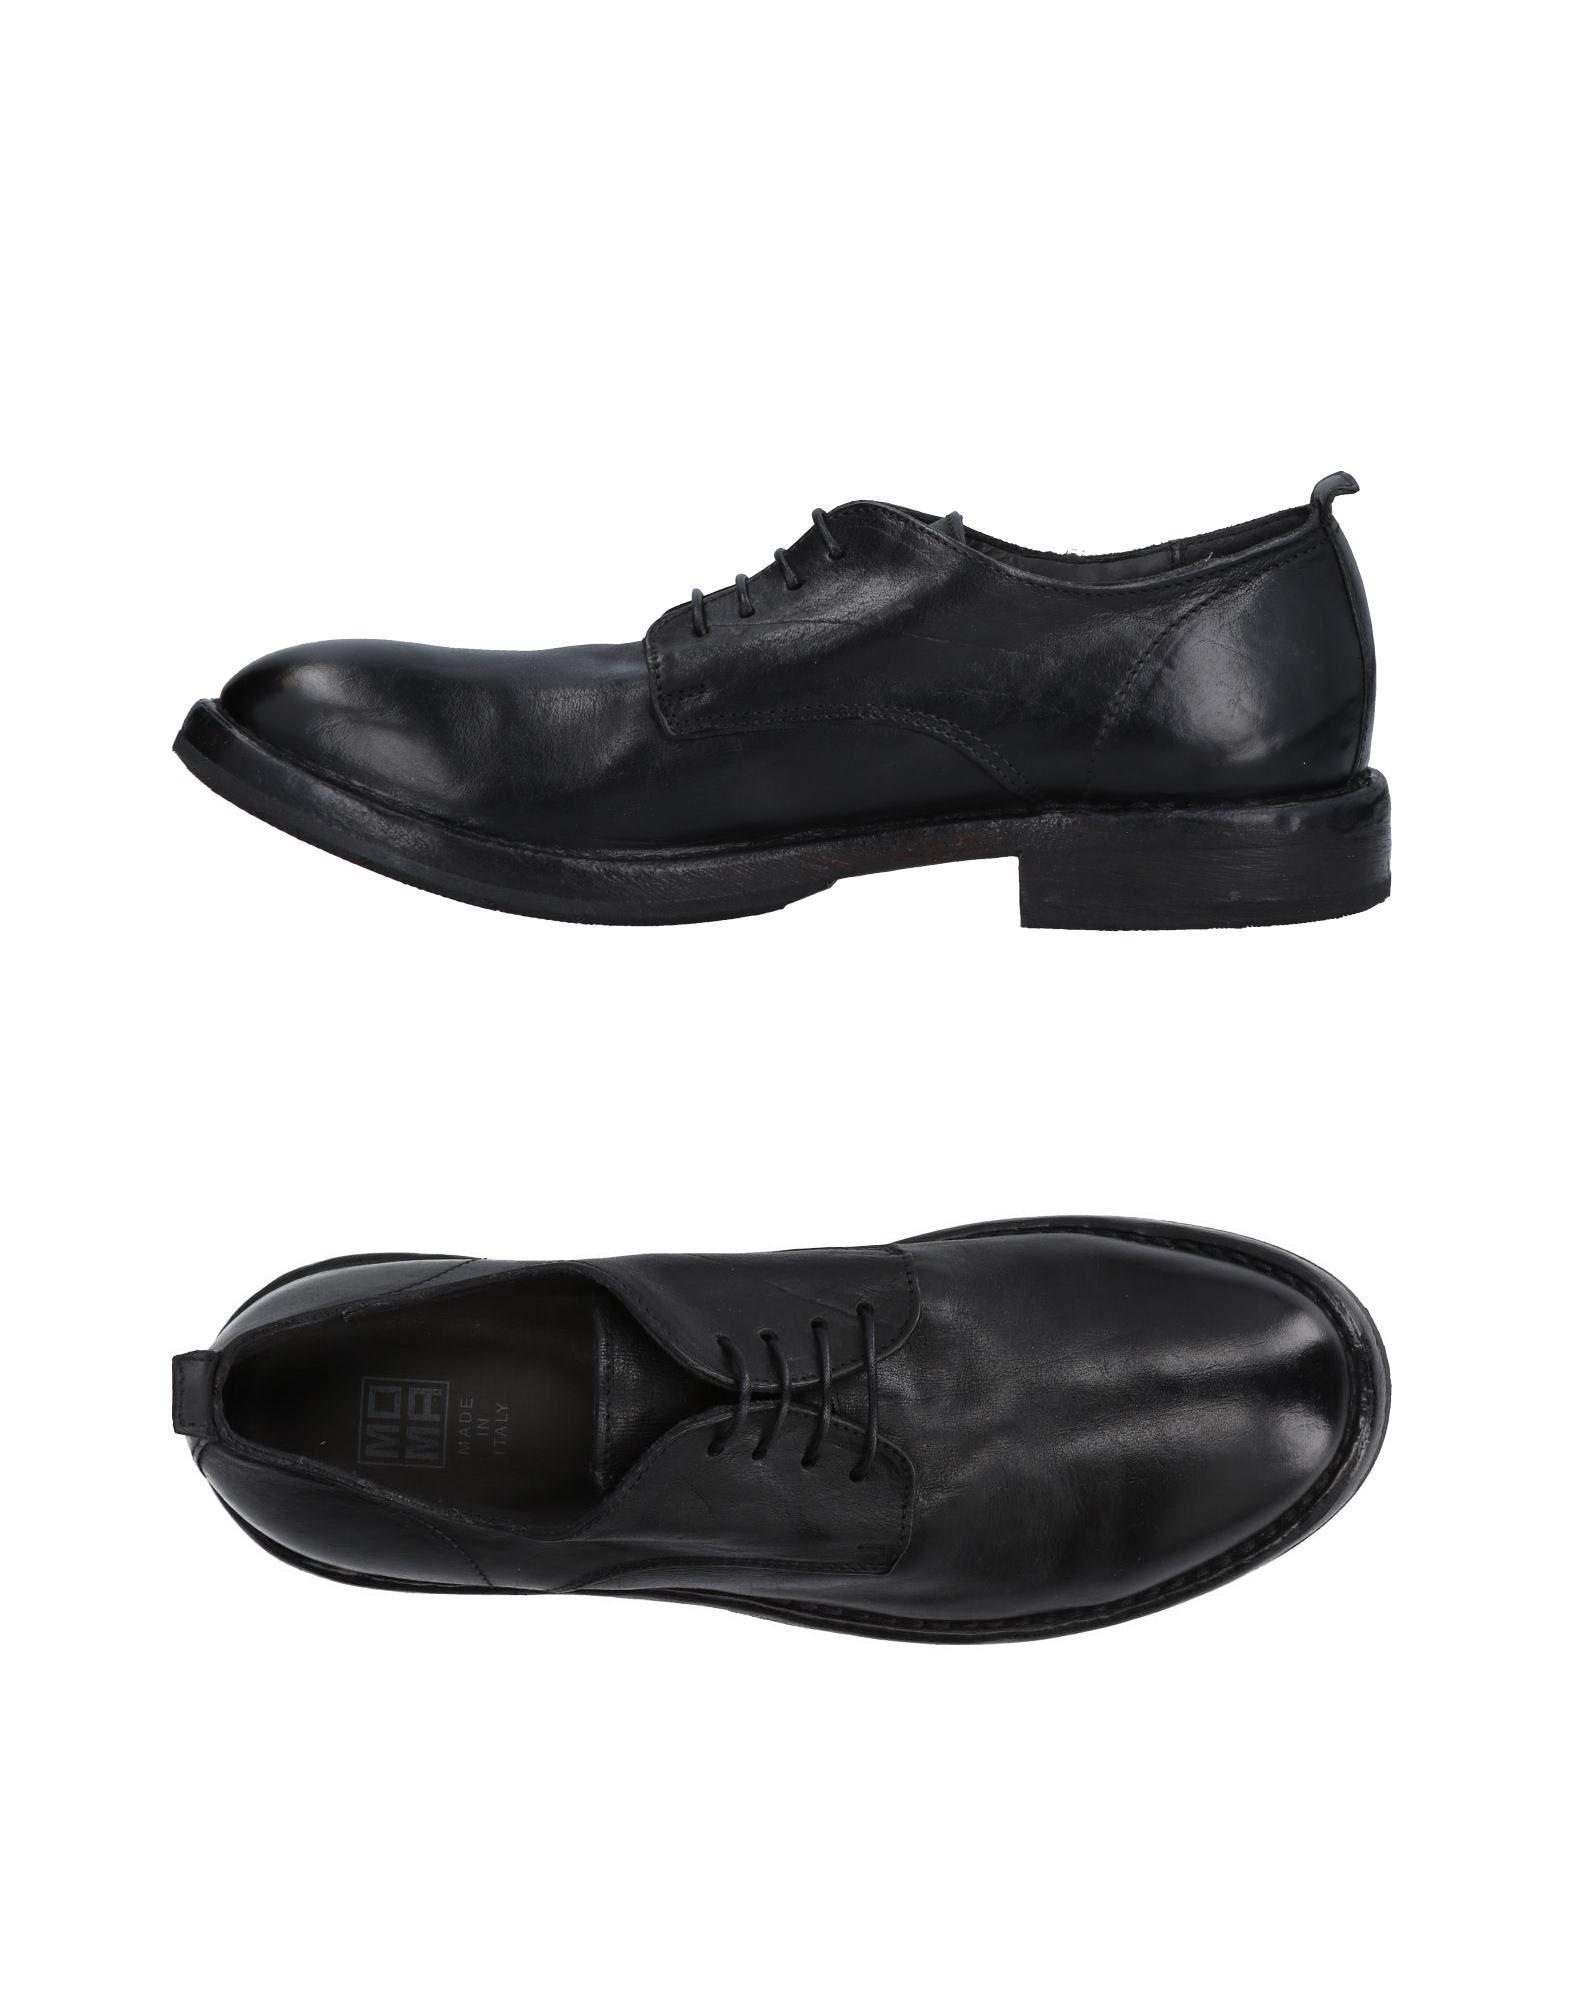 Moma Schnürschuhe Herren  11471623WN Gute Qualität beliebte Schuhe